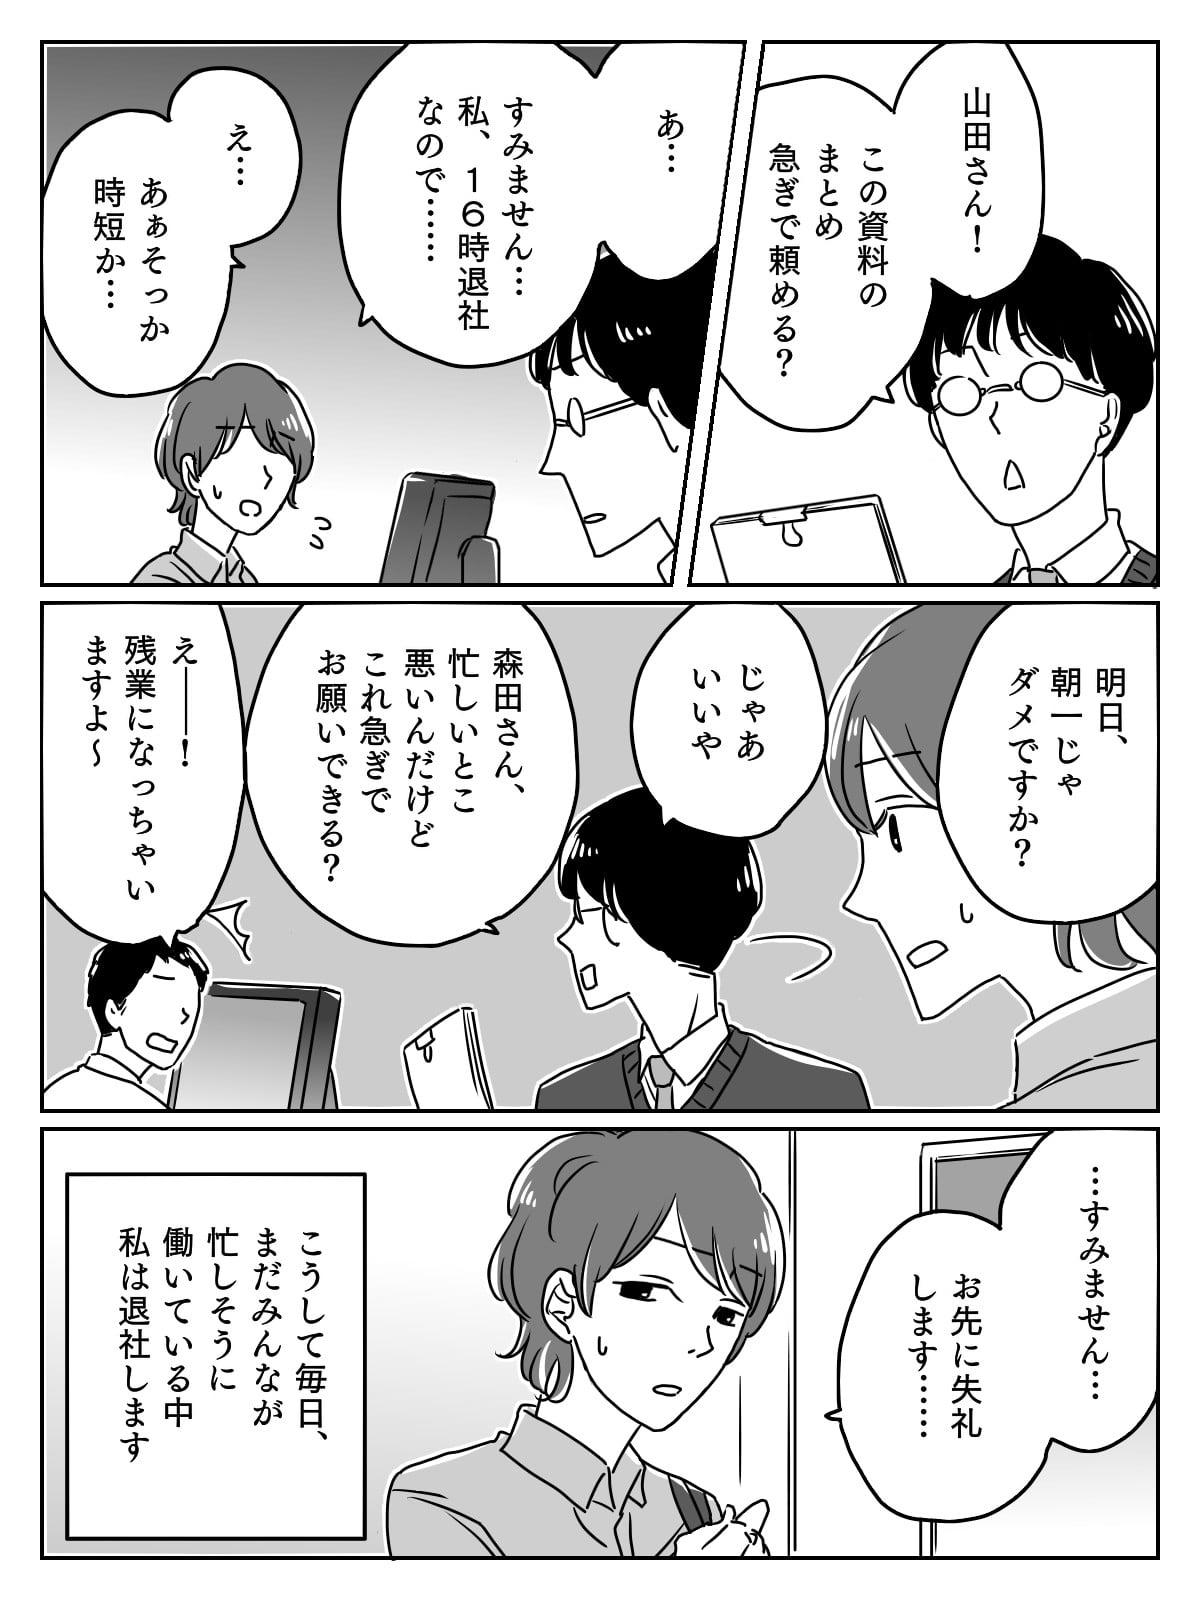 荳ュ邱ィ02